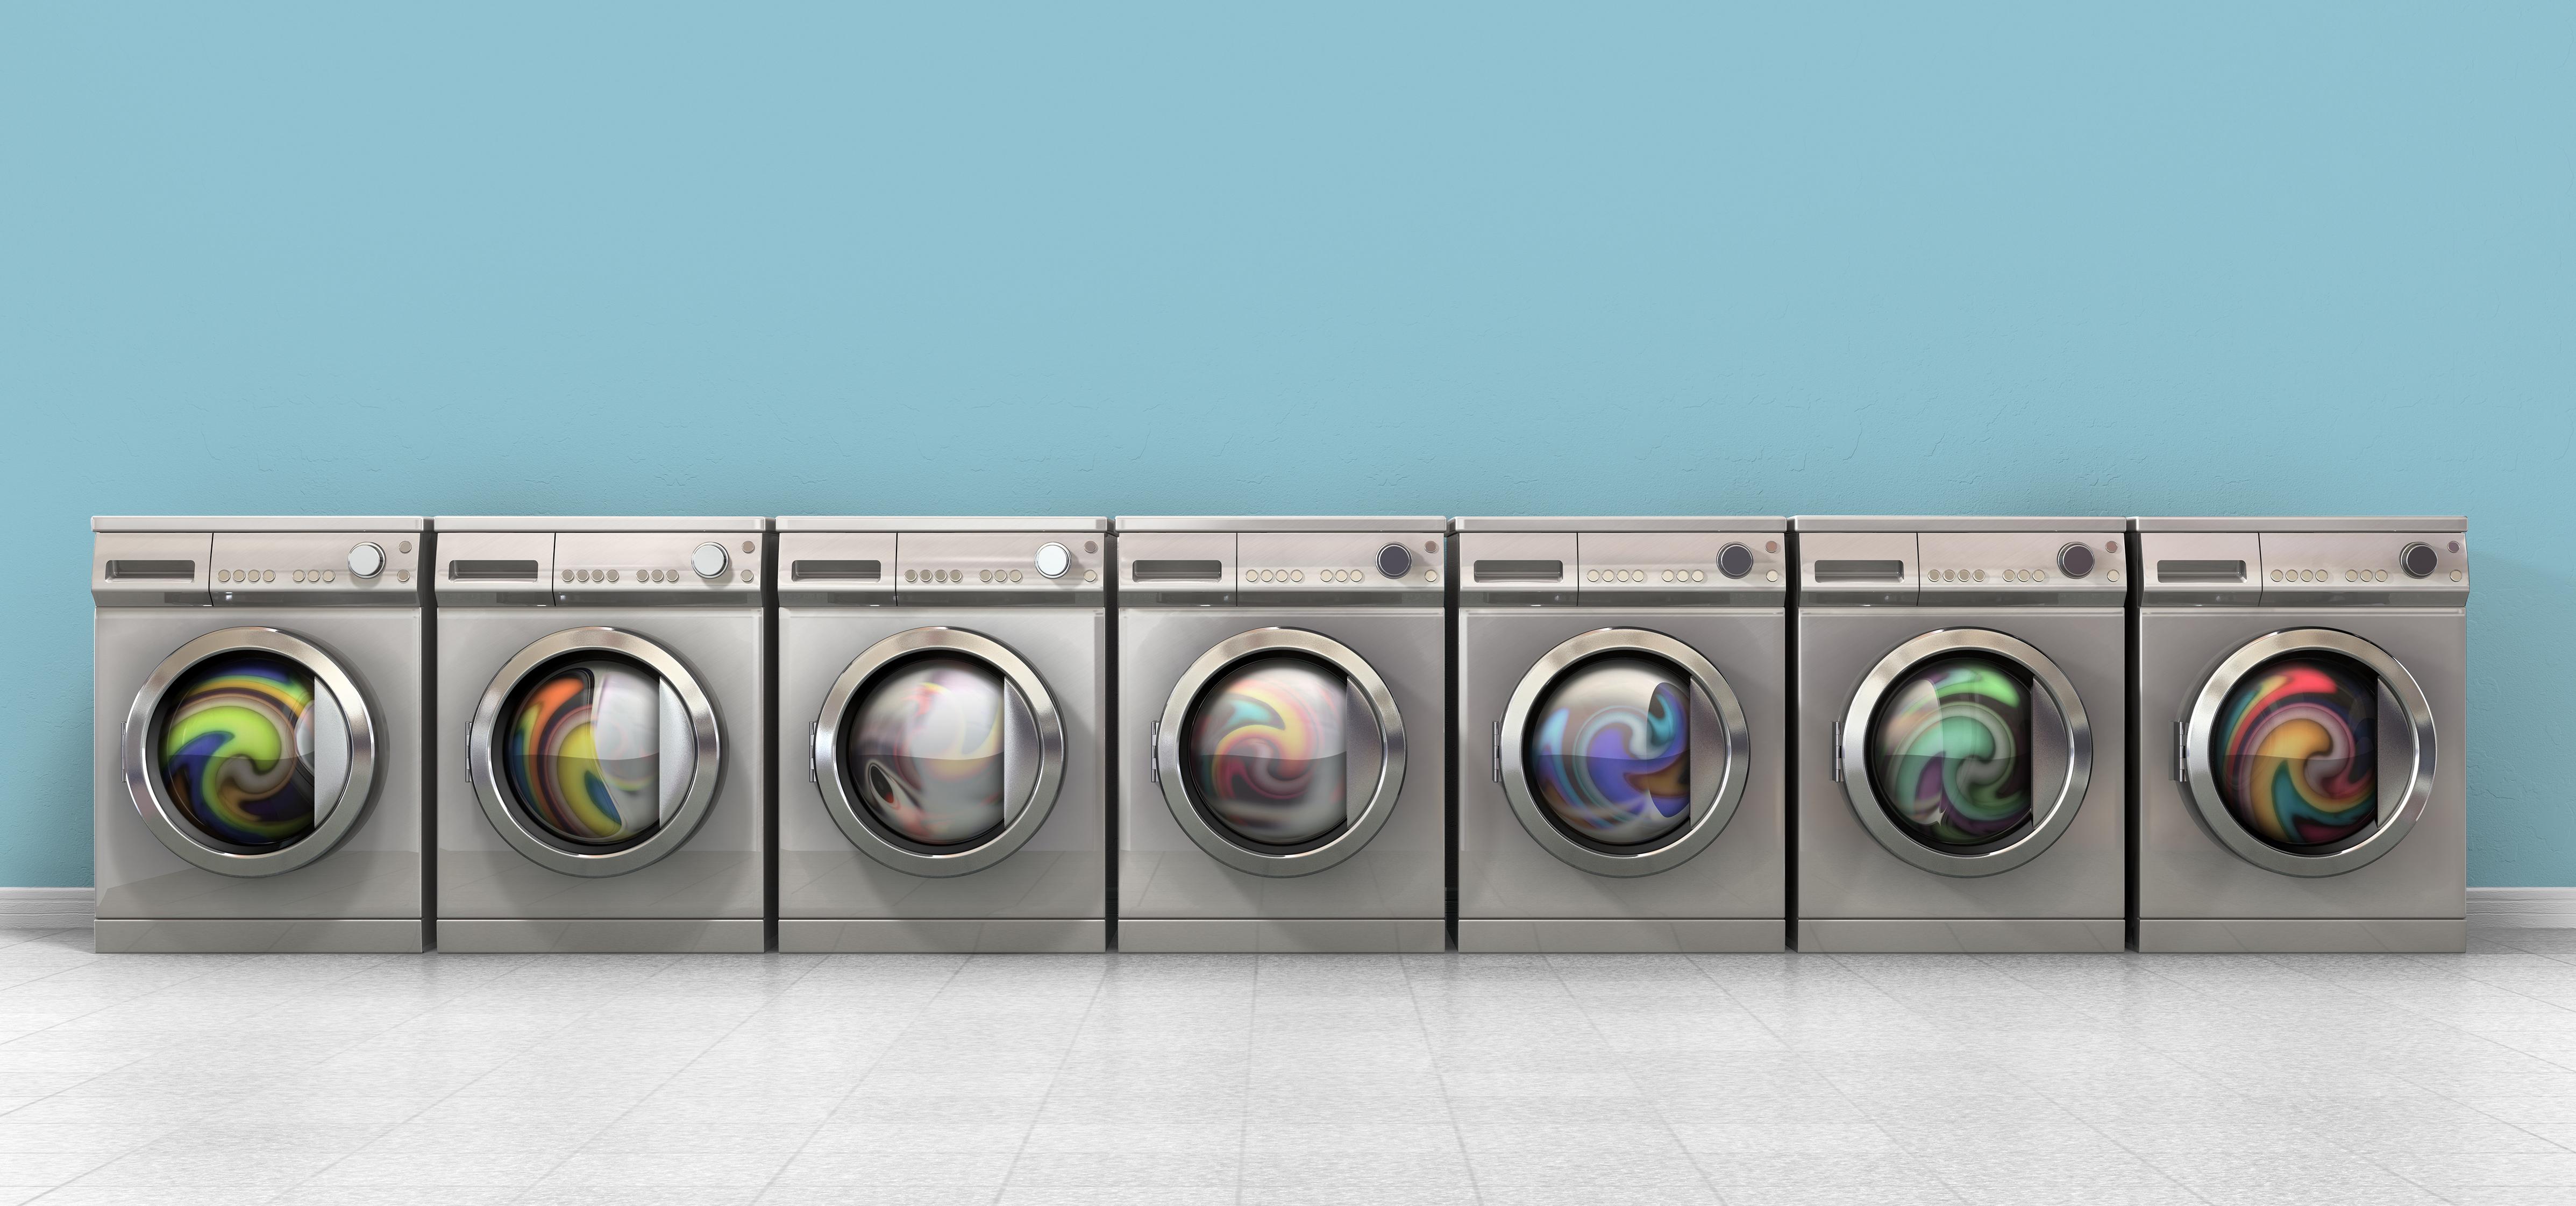 Instalación y reparación de maquinaria: Servicios y máquinas de Seco y Espuma